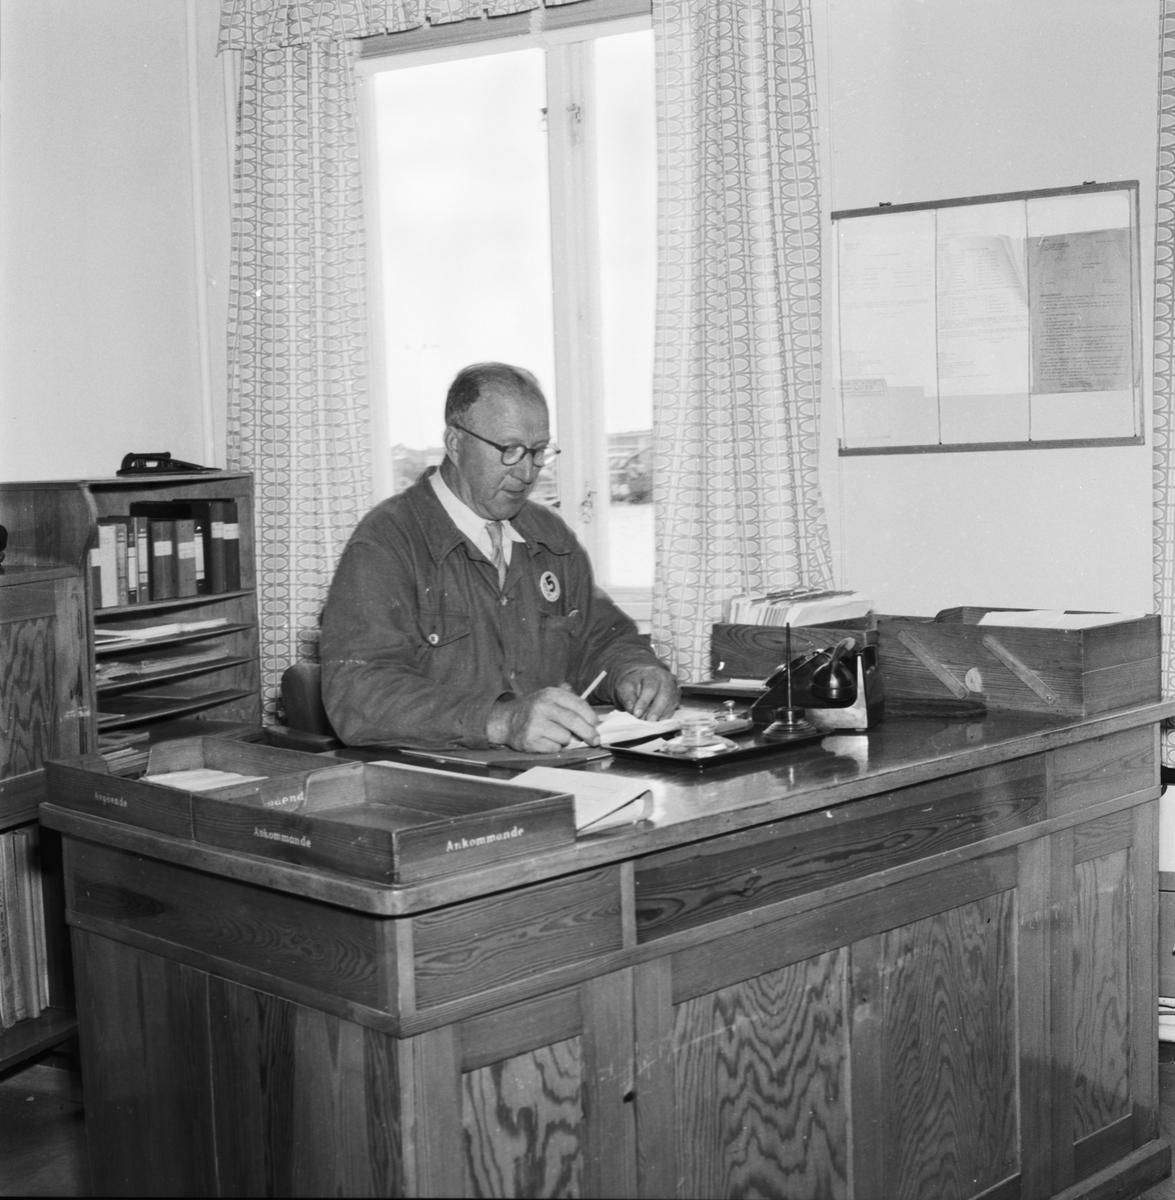 Övrigt: Foto datum: 13/8 1957 Byggnader och kranar Interiör från kontor